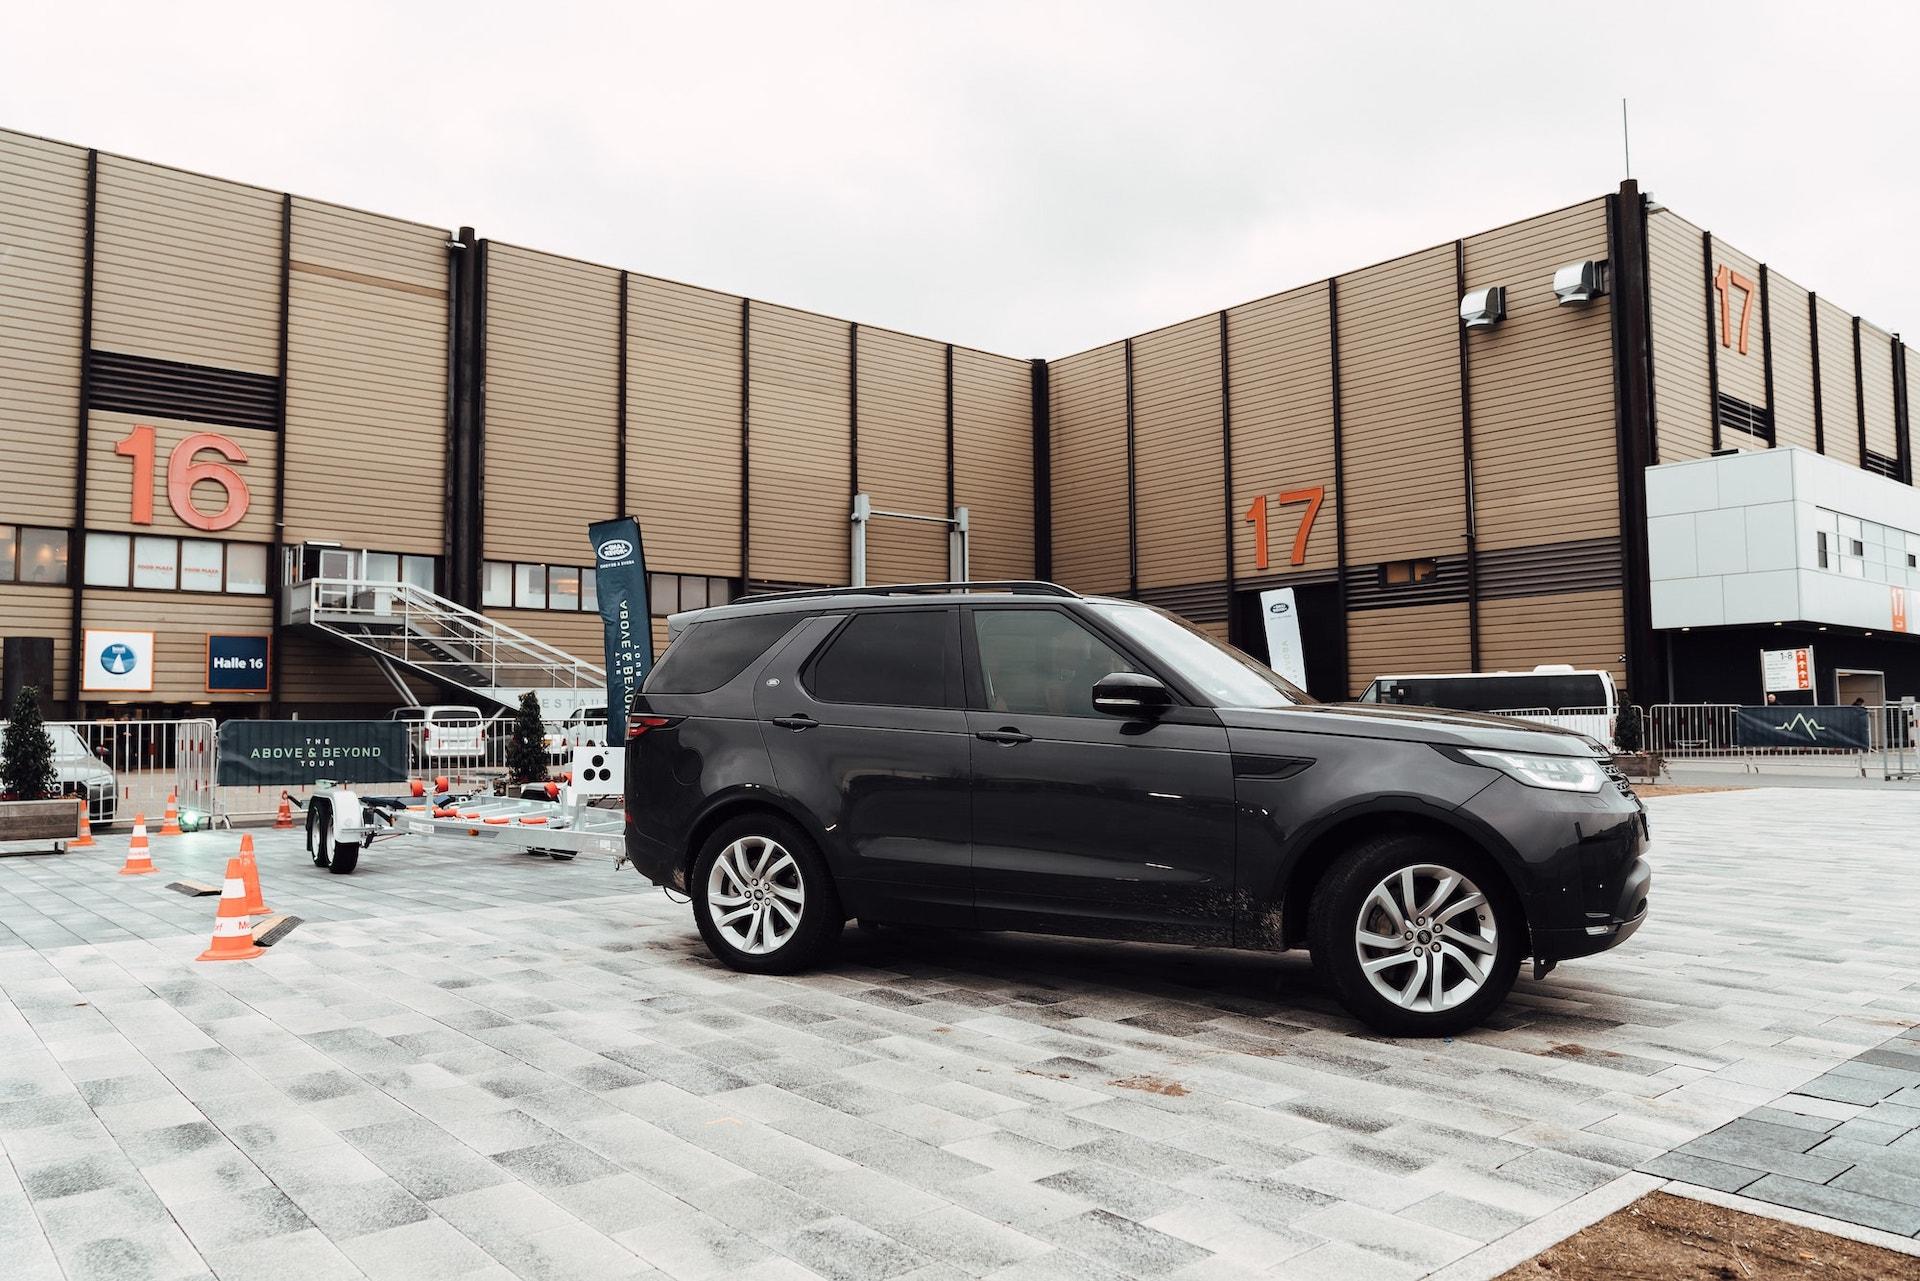 Boot 2020: Land Rover präsentiert den neuen Defender und weitere Highlights 8